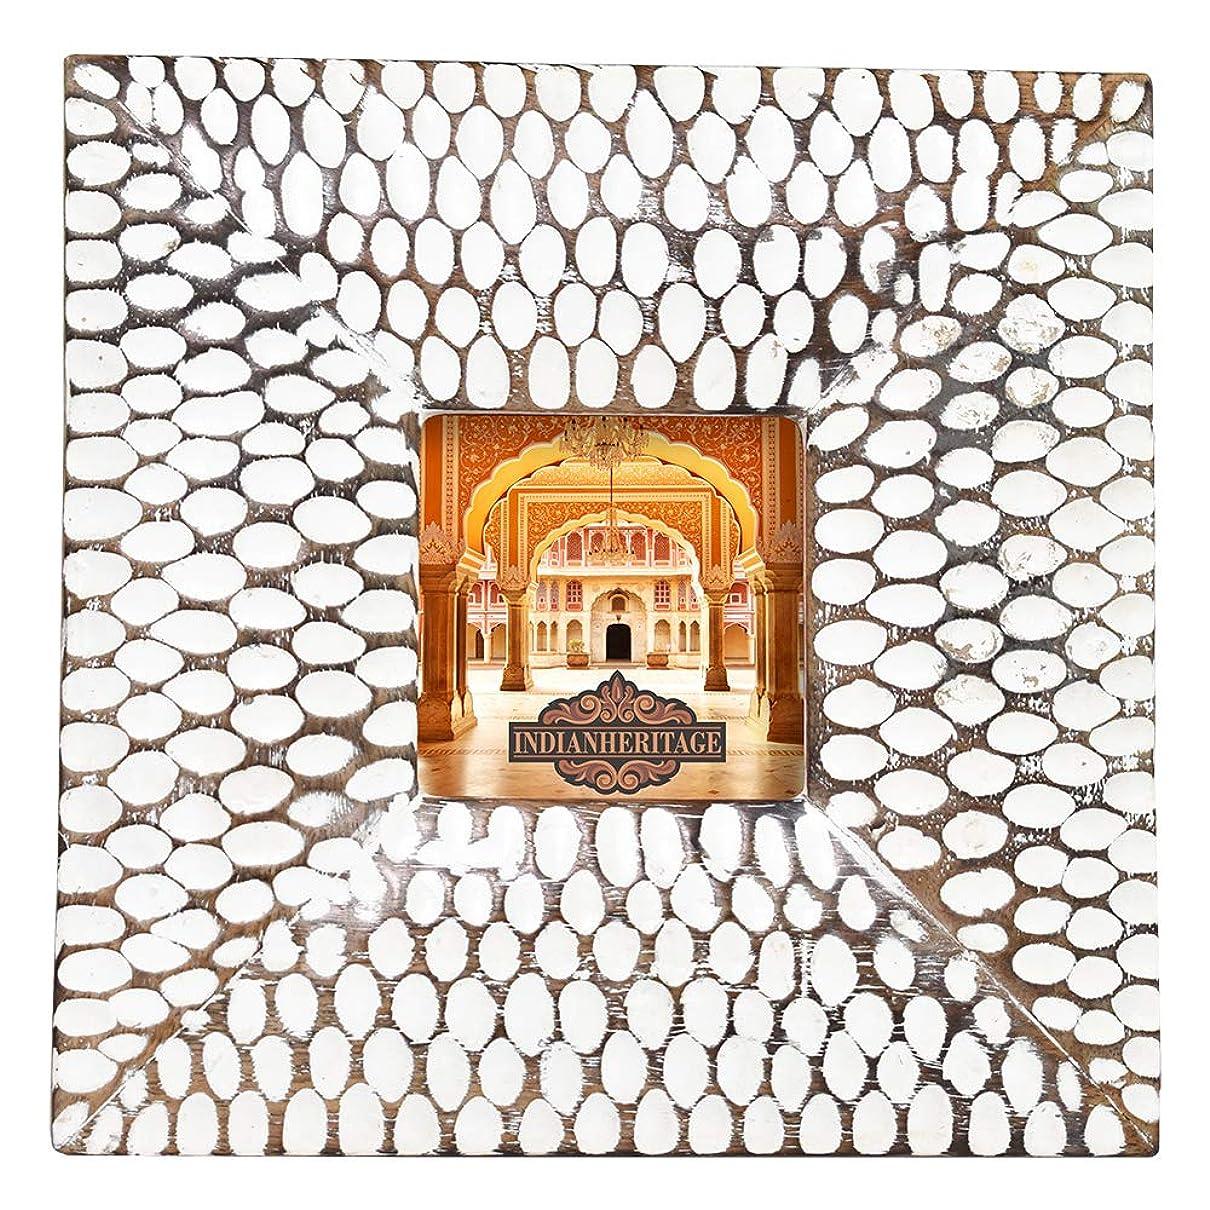 世論調査推定ブームインディアンヘリテージ木製フォトフレーム 4x6 マンゴー木製彫刻デザイン ホワイトアンティーク仕上げ